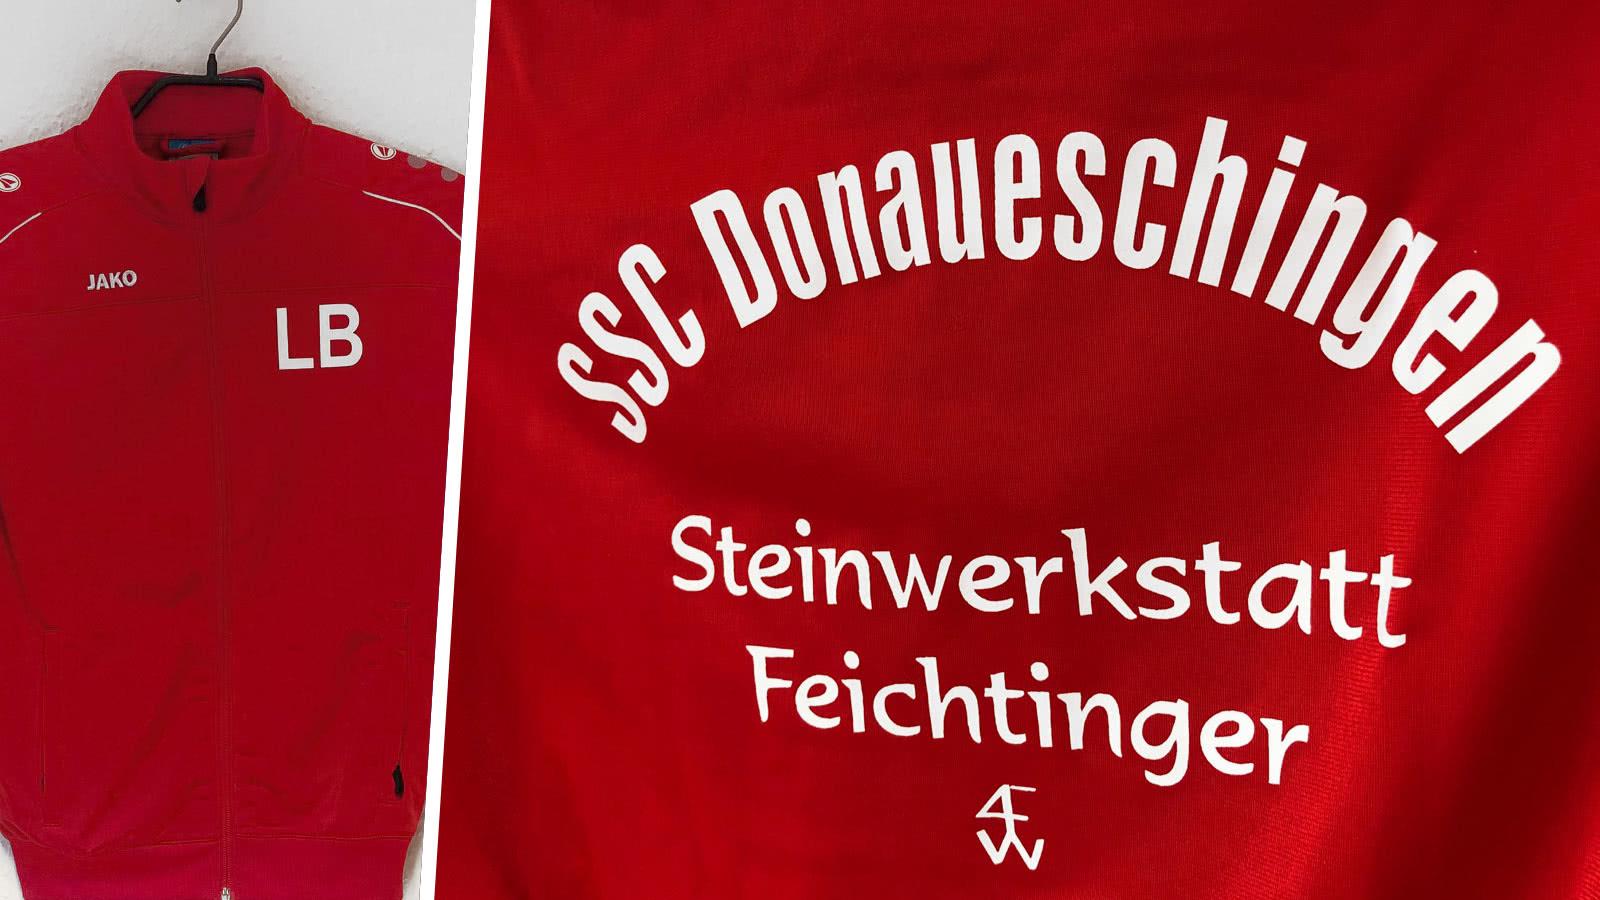 Die Jako Trainingsjacken mit Vereinsname und Sponsor